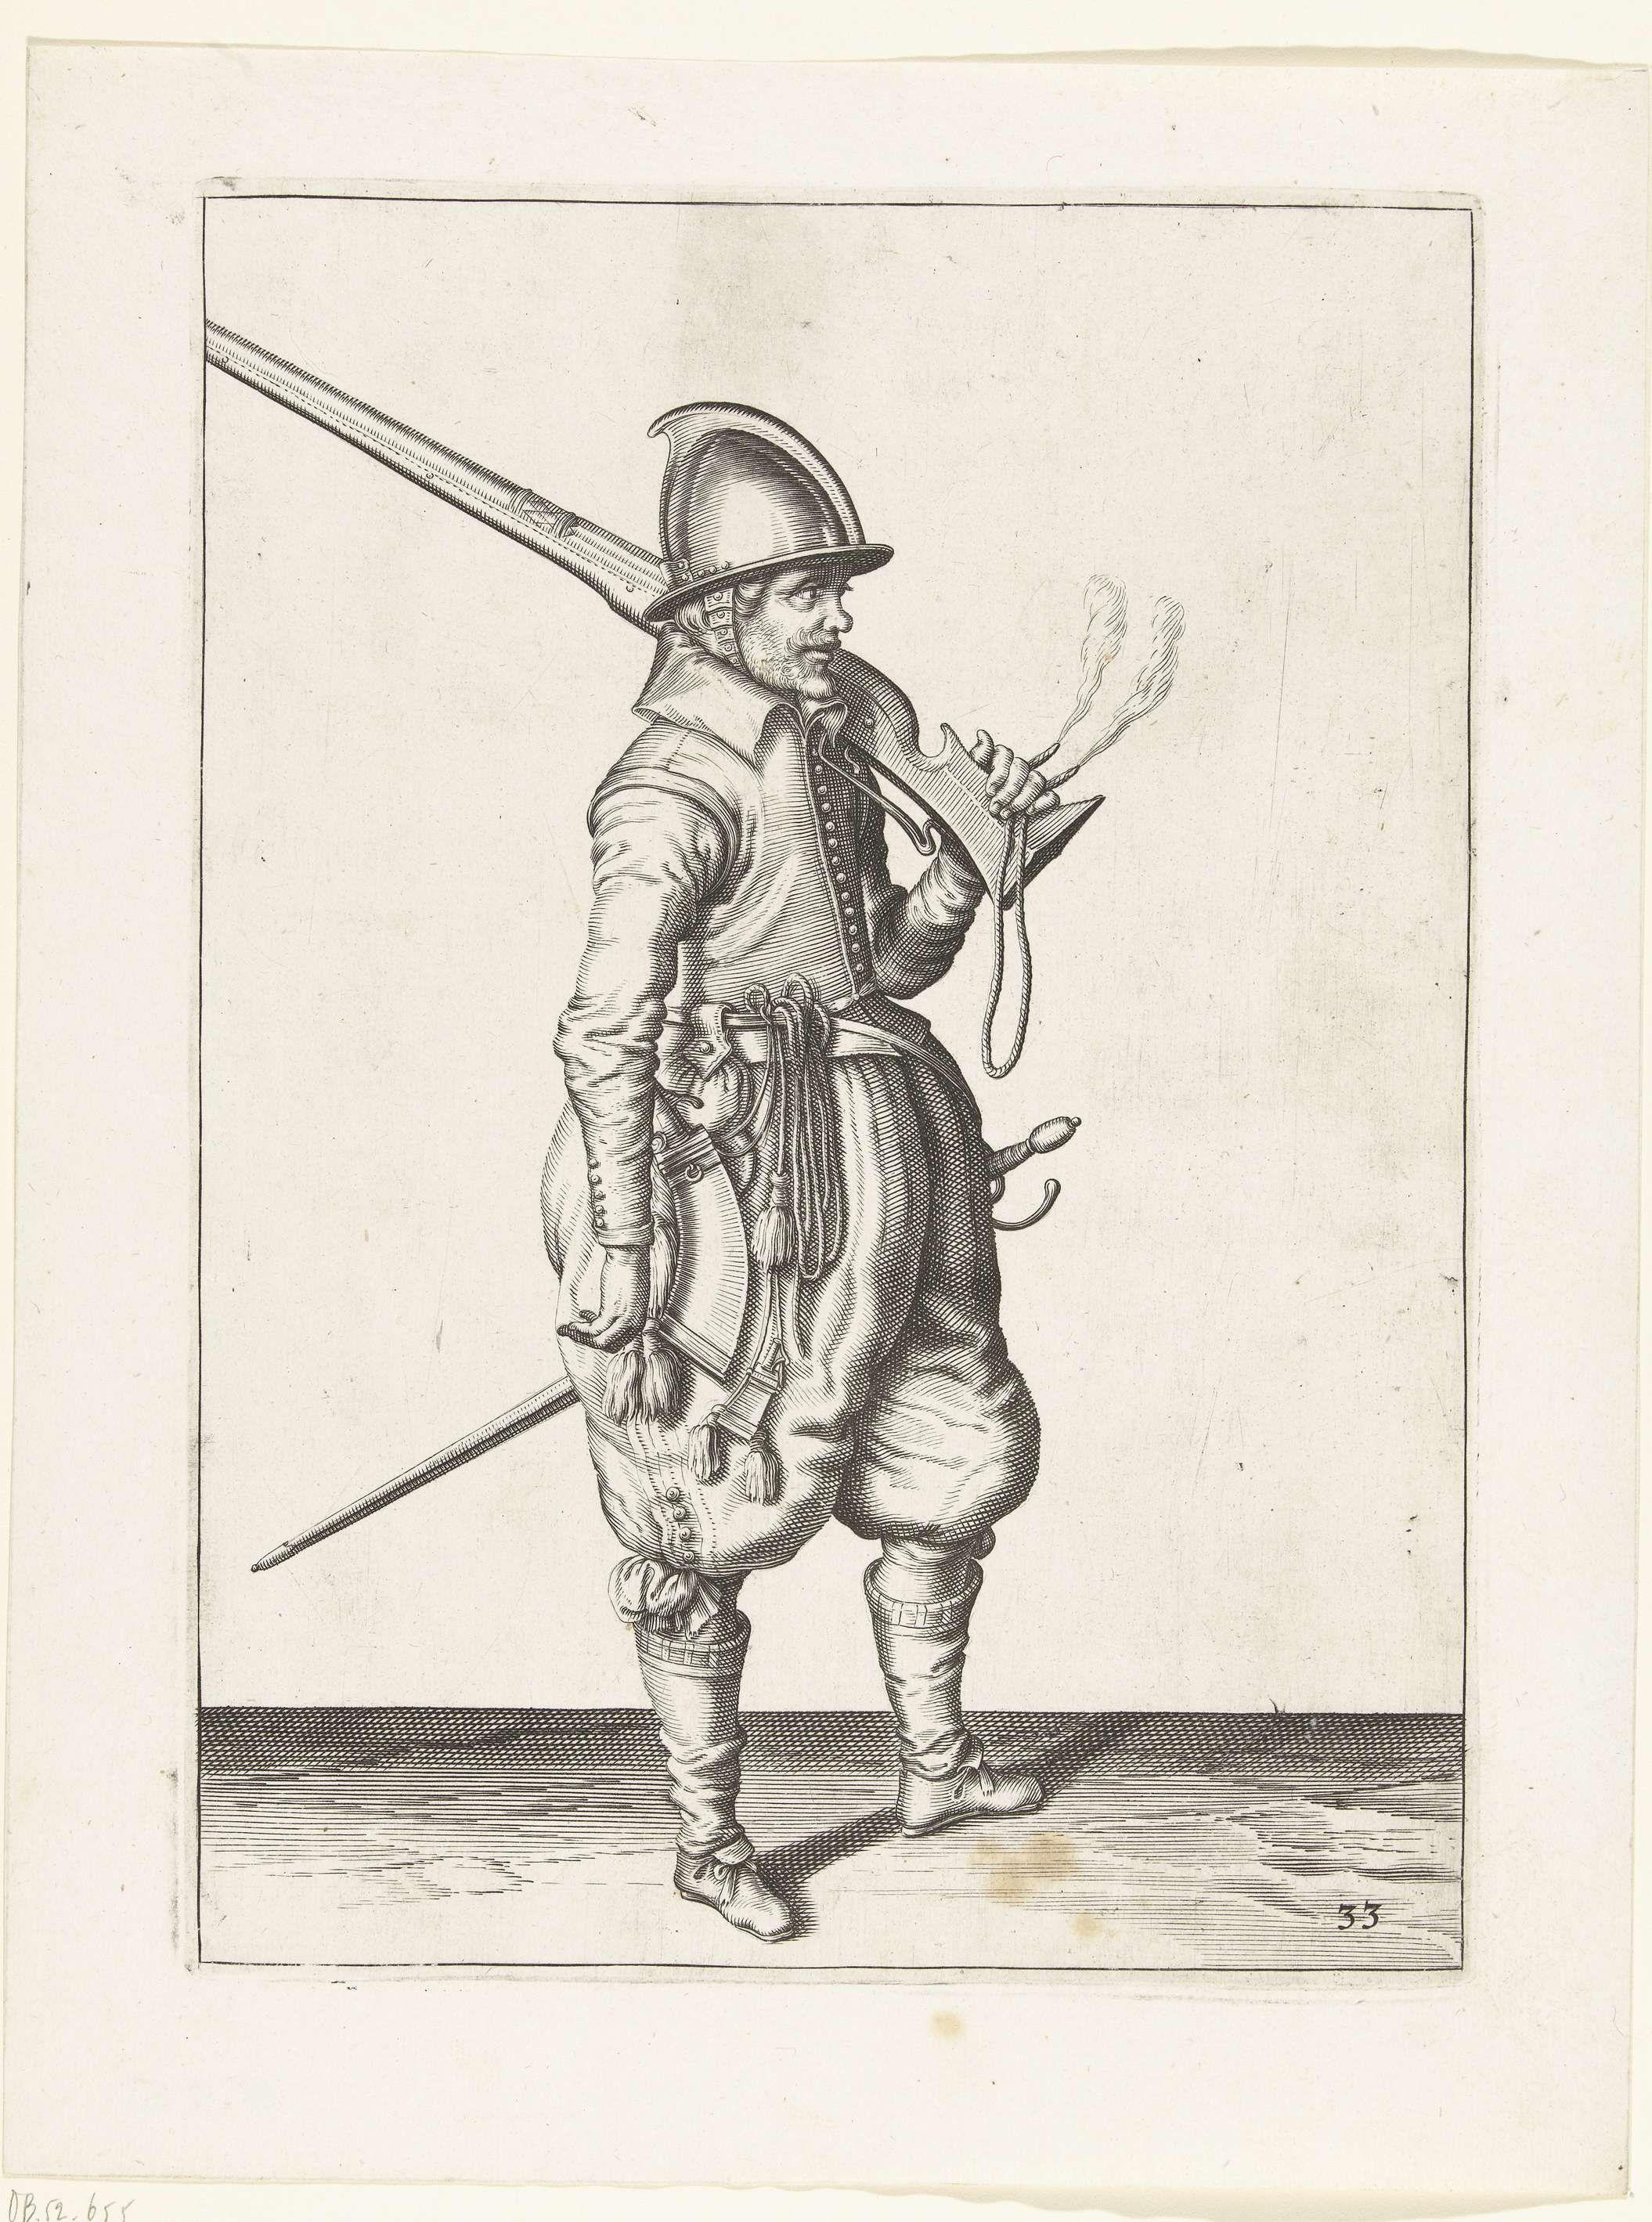 Jacob de Gheyn (II) | Soldaat die zijn roer op zijn schouder draagt, Jacob de Gheyn (II), 1597 - 1607 | Een soldaat, ten voeten uit, naar rechts, met een roer (een bepaald type vuurwapen) steunend op zijn linkerschouder. In zijn linkerhand behalve de kolf van het roer ook een brandende lont. Het gaat dus om dezelfde positie als degene die op de eerste prent van de serie getoond wordt. Deze prent is onderdeel van de reeks van 42 genummerde prenten van roerschutters uit de Wapenhandelinghe.